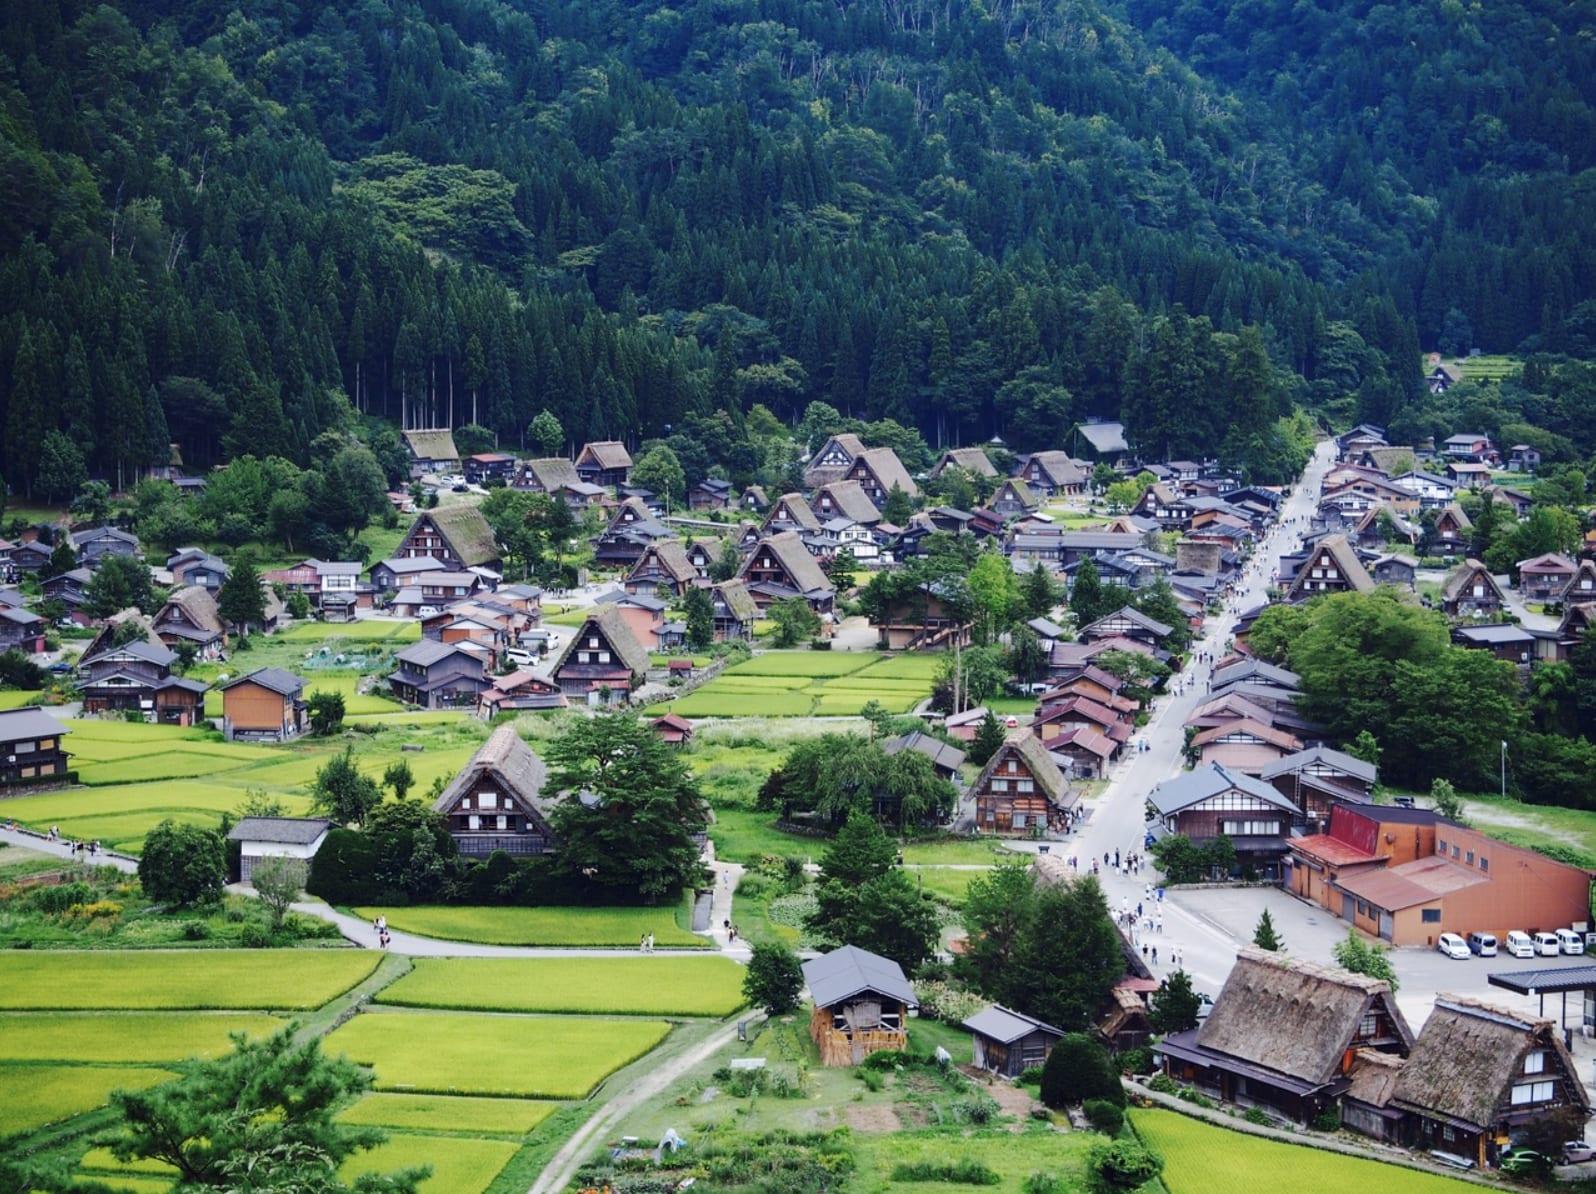 從展望台眺望的合掌村聚落。(圖片來源:4travel.jp)